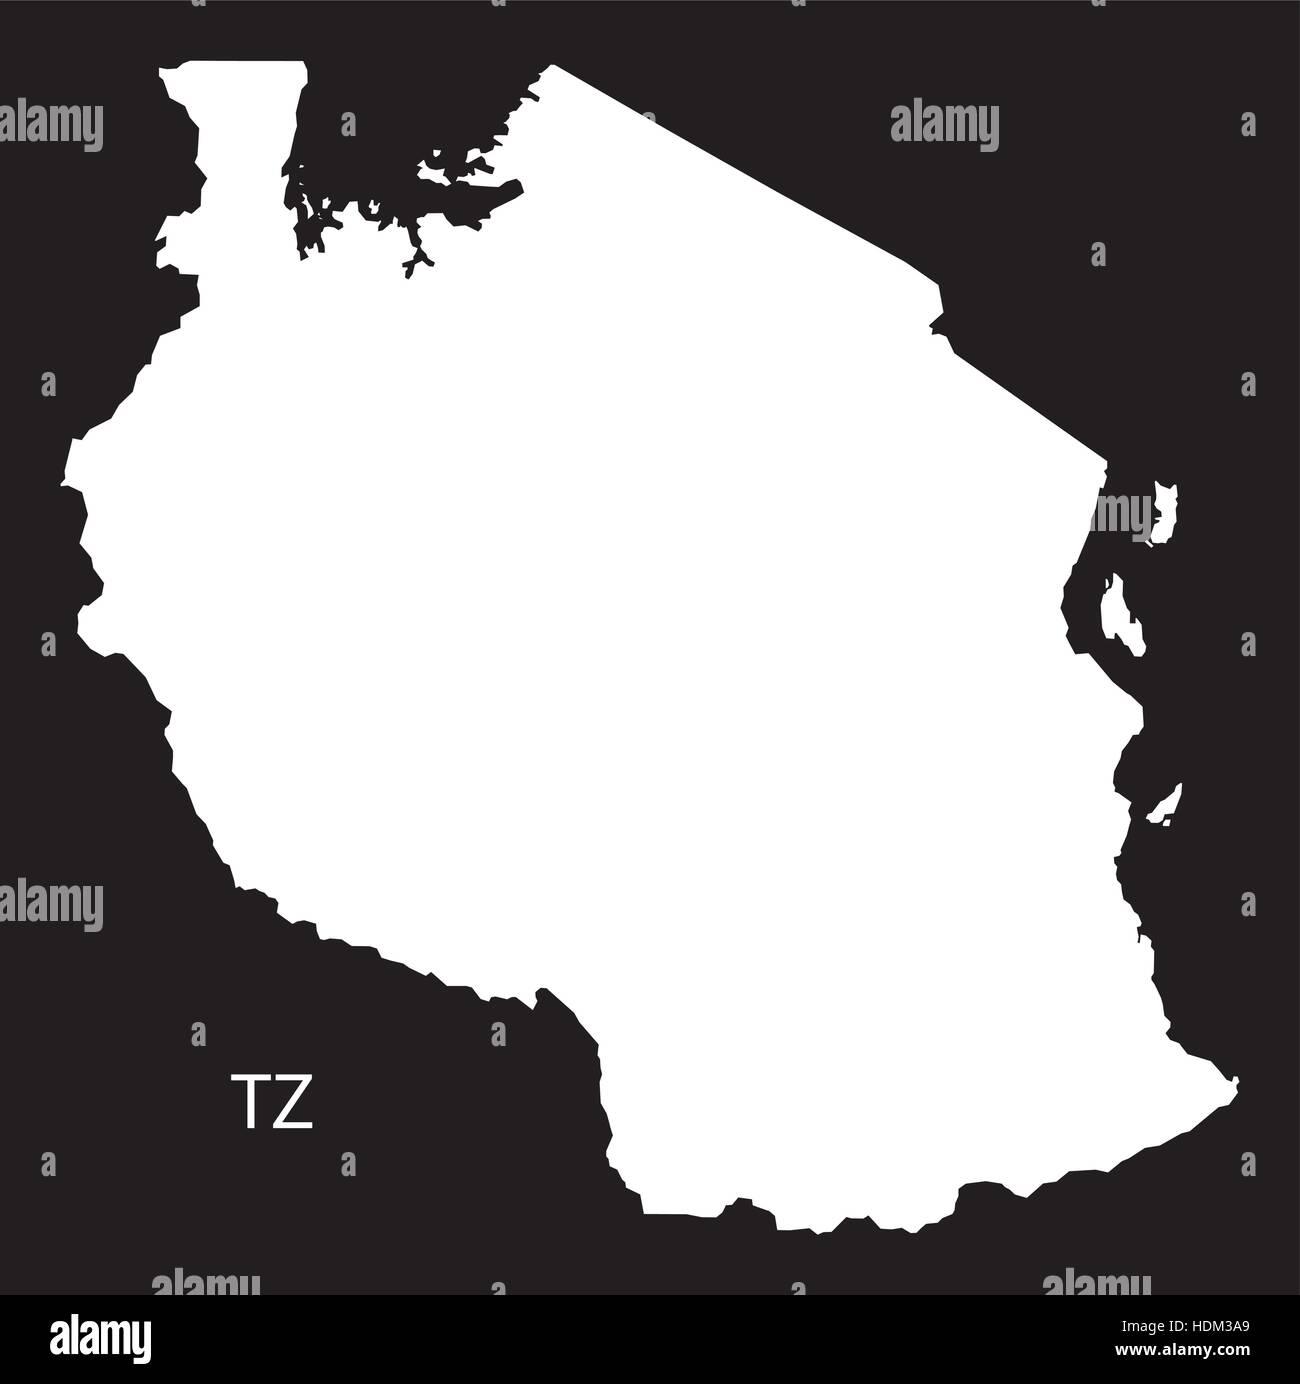 Map Of Africa Tanzania.Africa Tanzania Map Stock Photos Africa Tanzania Map Stock Images